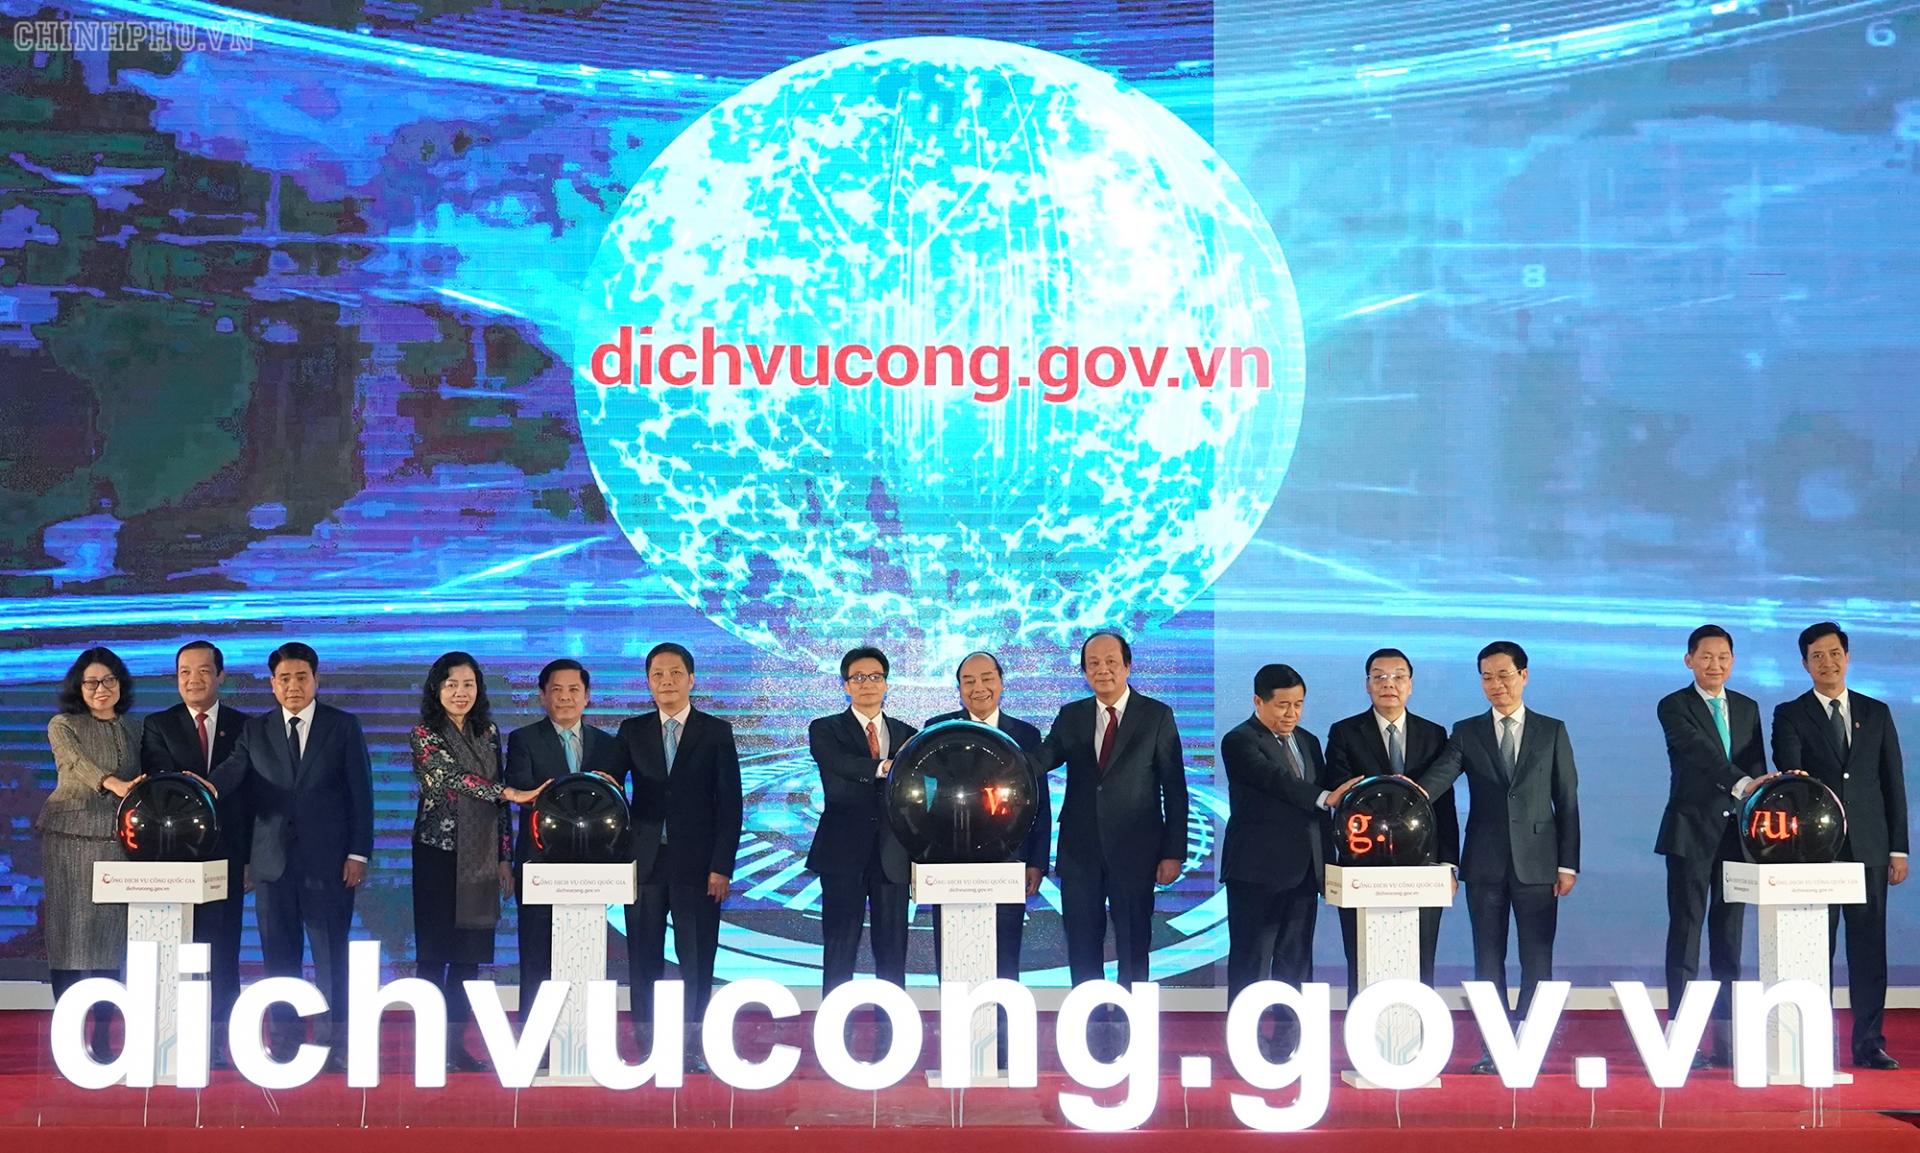 Thời cơ, vận hội mới để phát triển nền kinh tế số, xã hội số Việt Nam